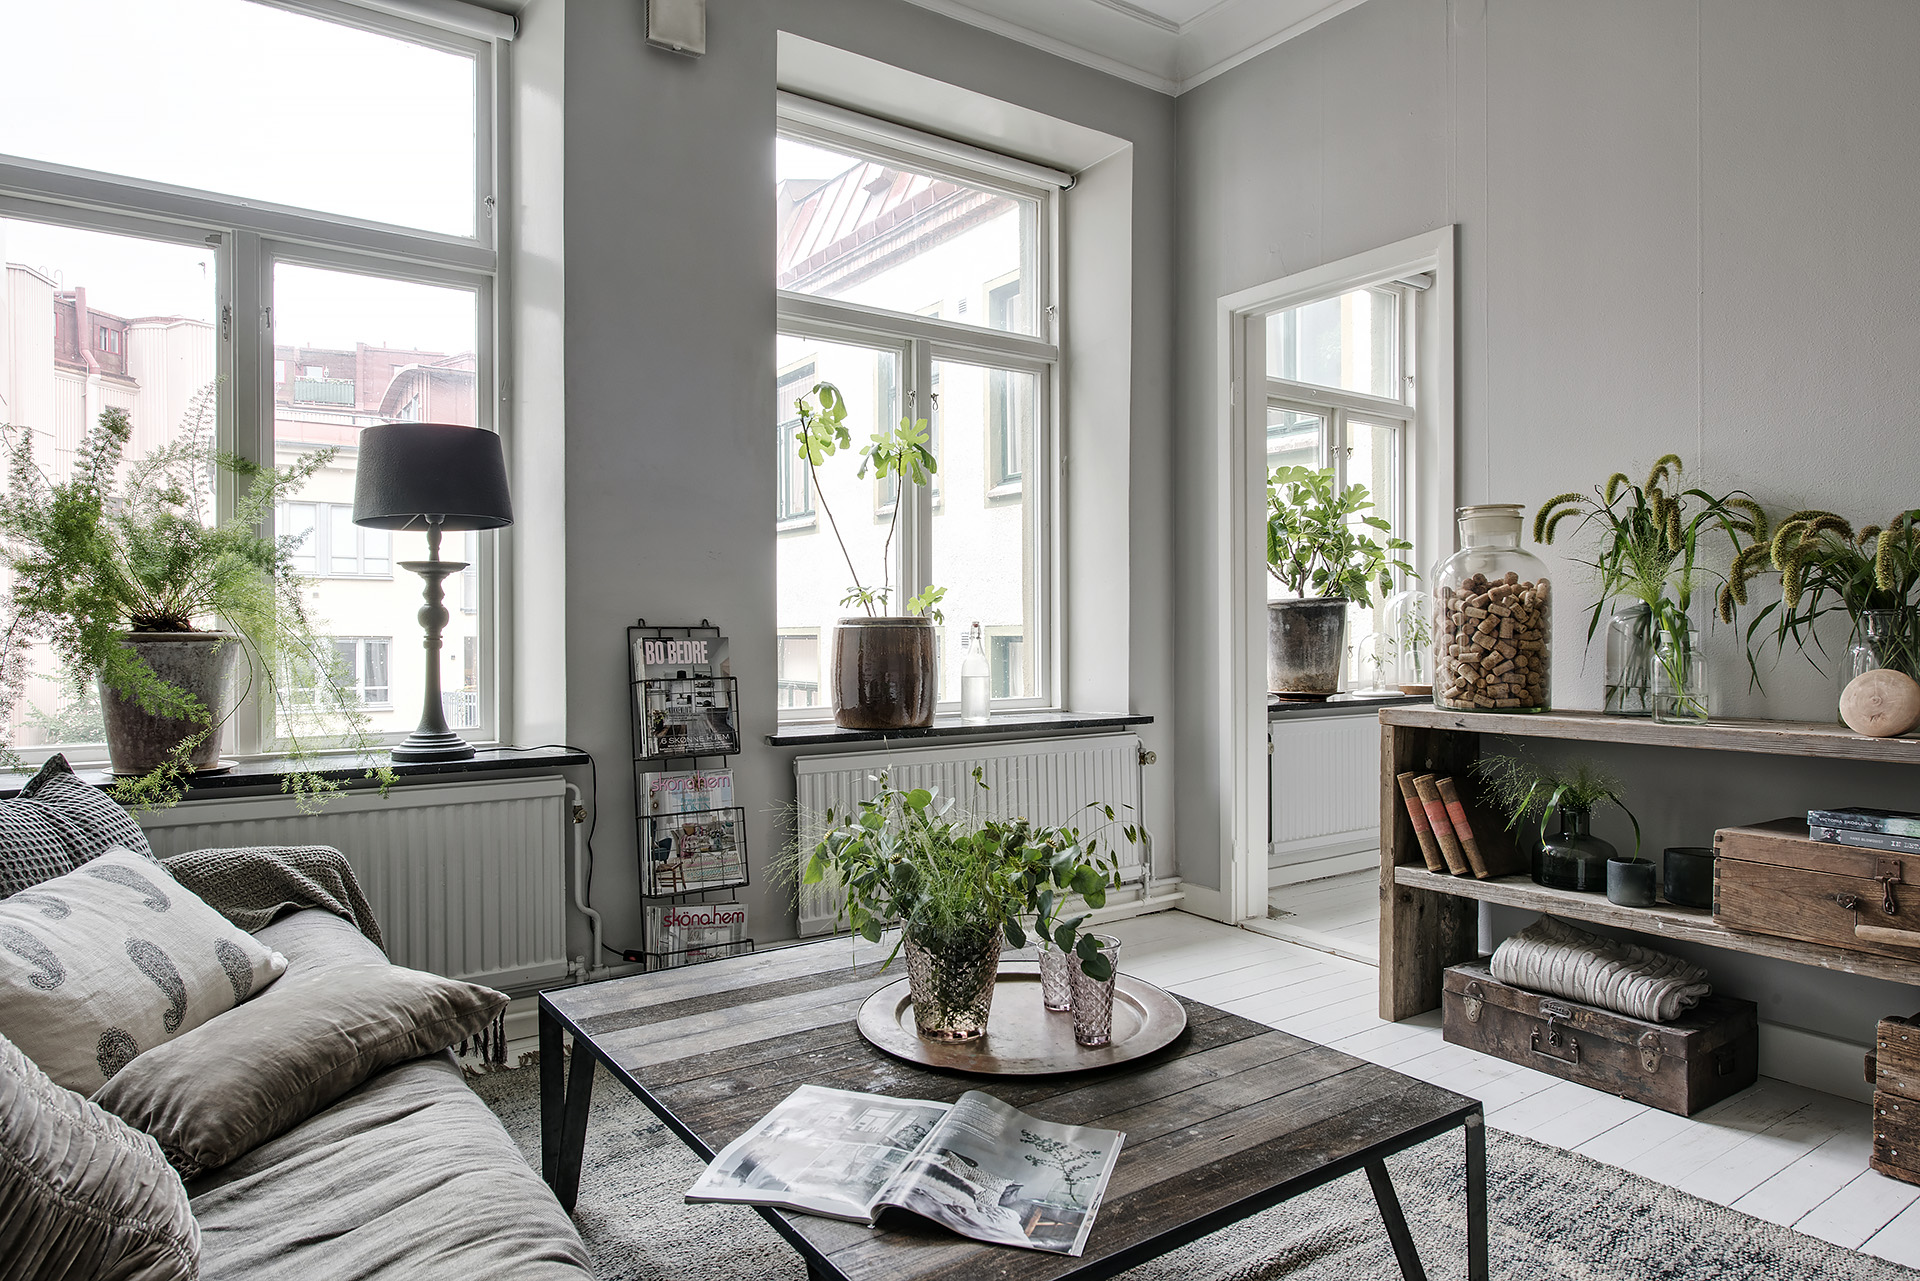 Estancias llenas de vida con plantas interiores chic for Interieur bloggers